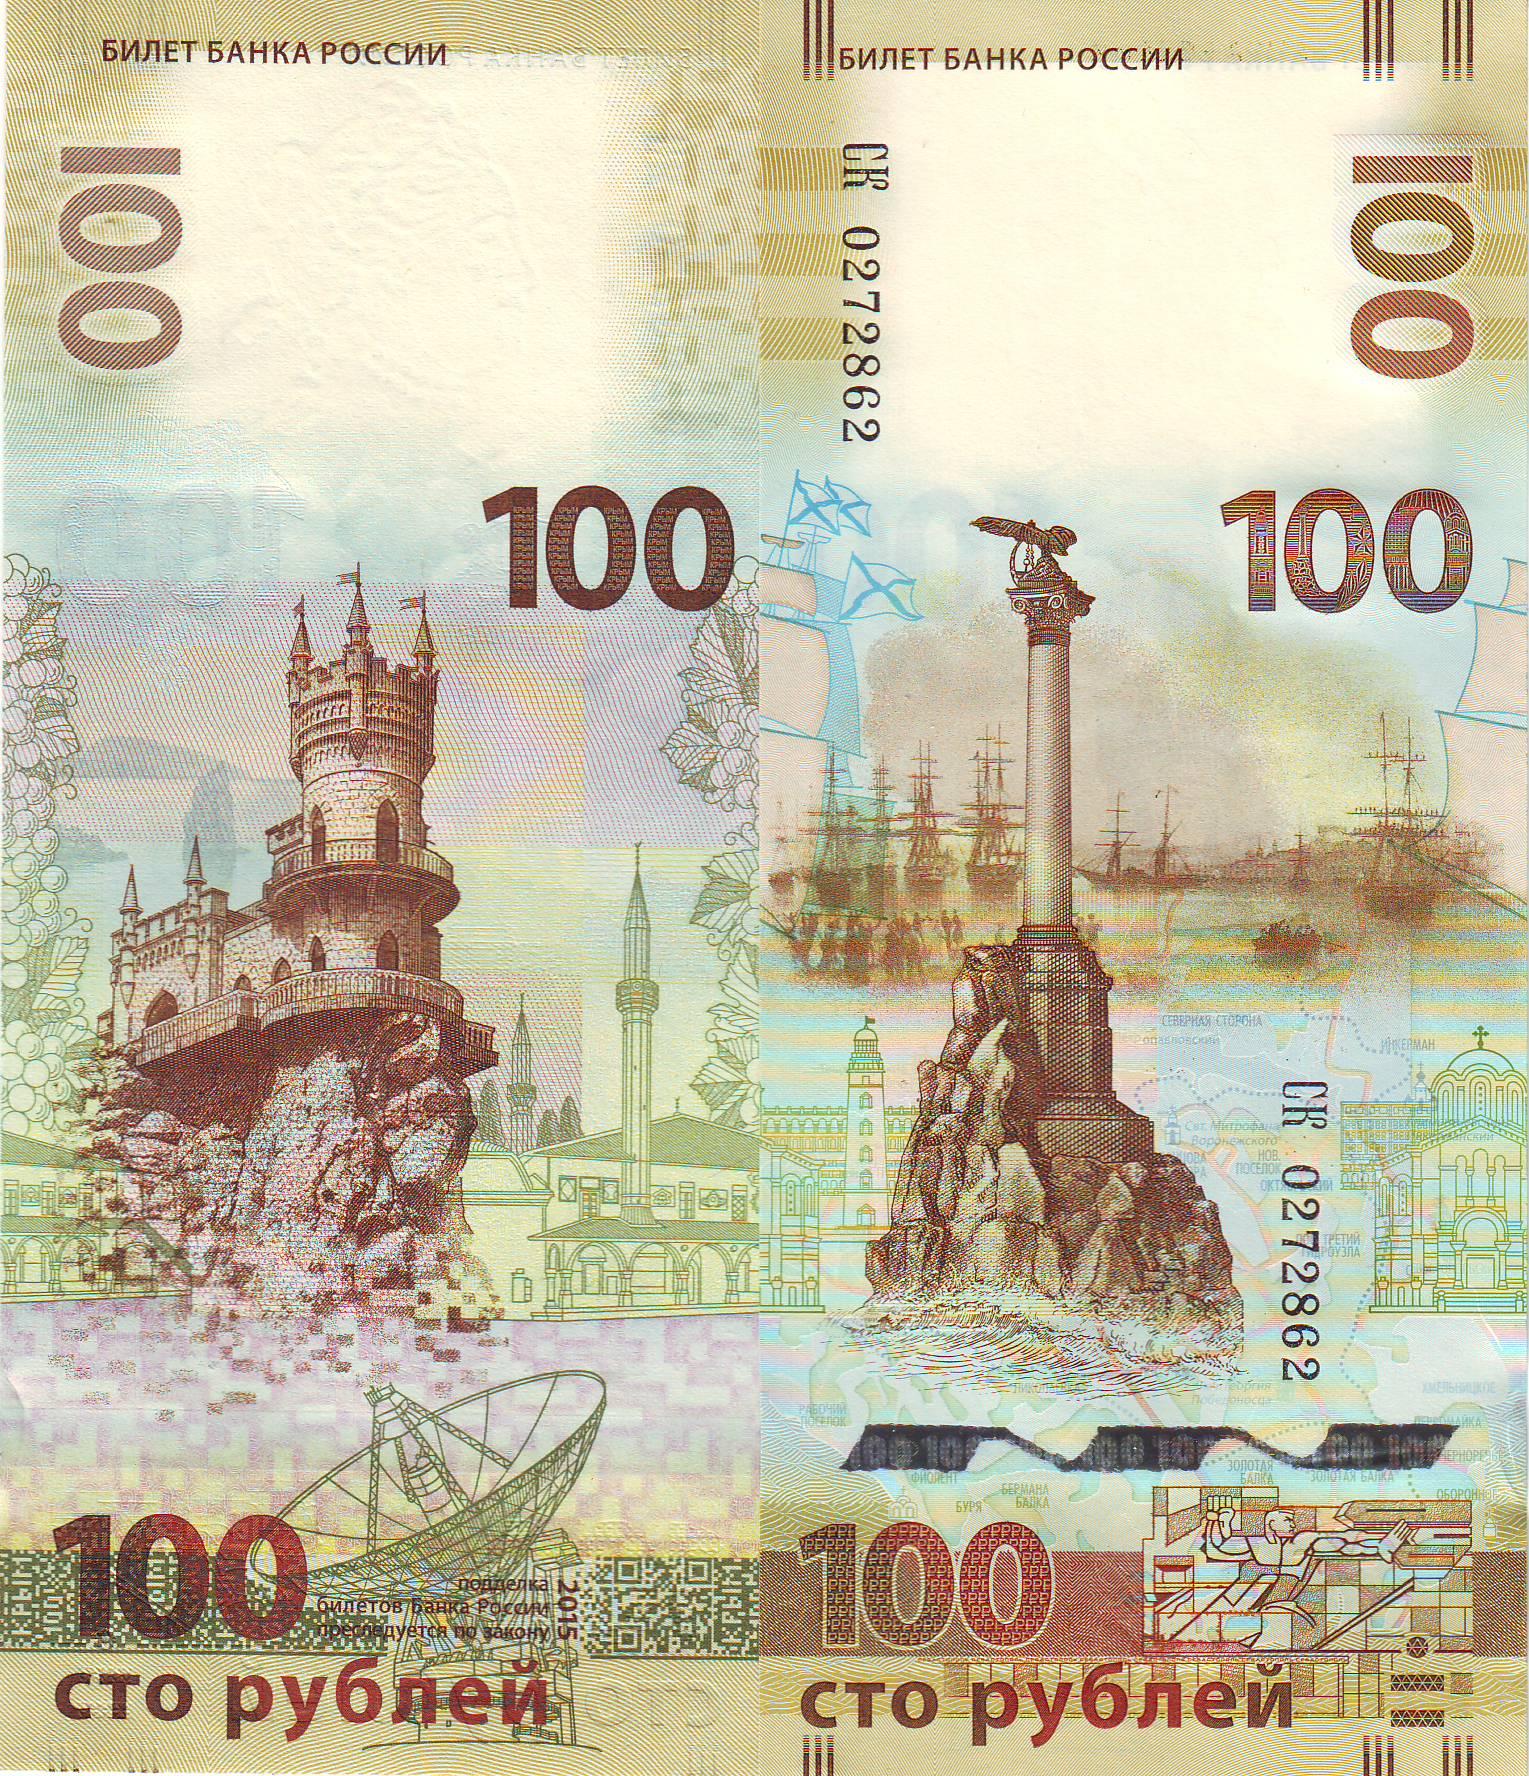 Стал известен весь тираж банкнот, посвященных Крыму и Севастополю.